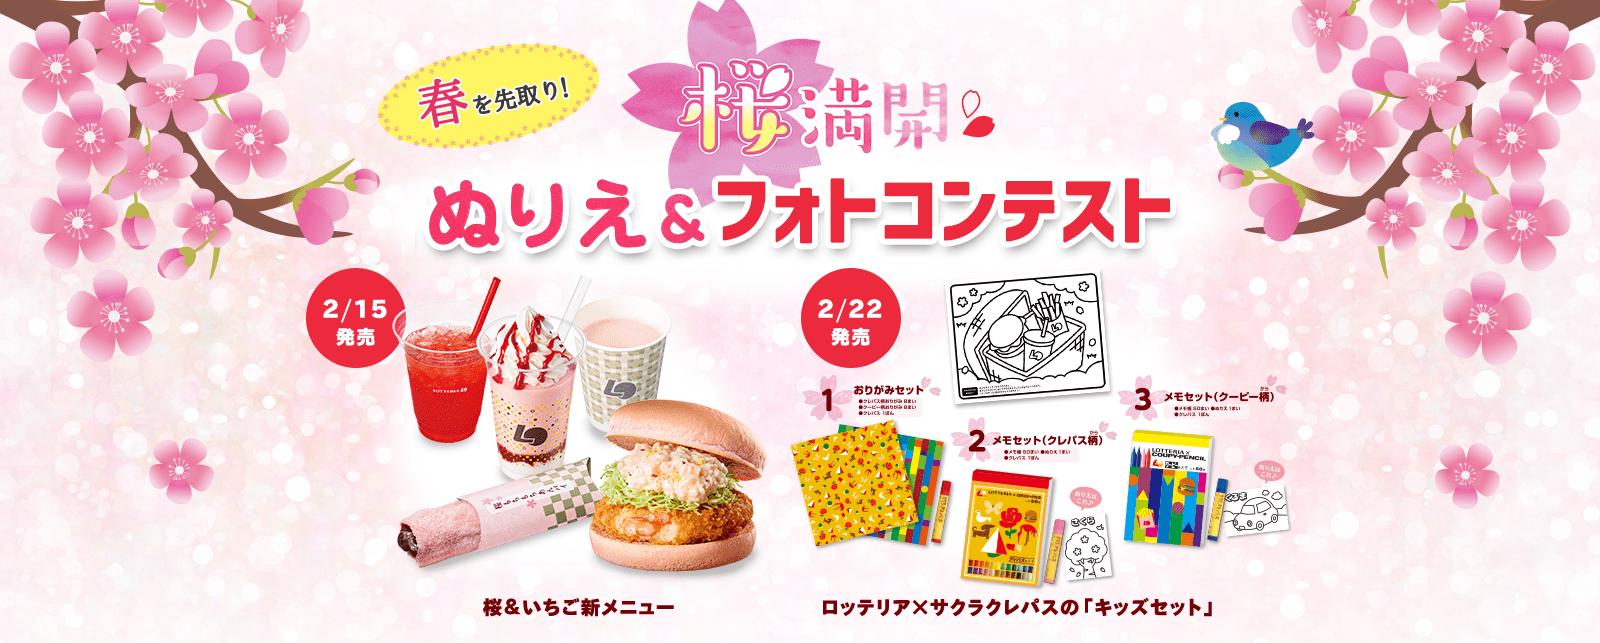 春を先取り!桜満開メニュー&ぬりえフォトコンテスト!